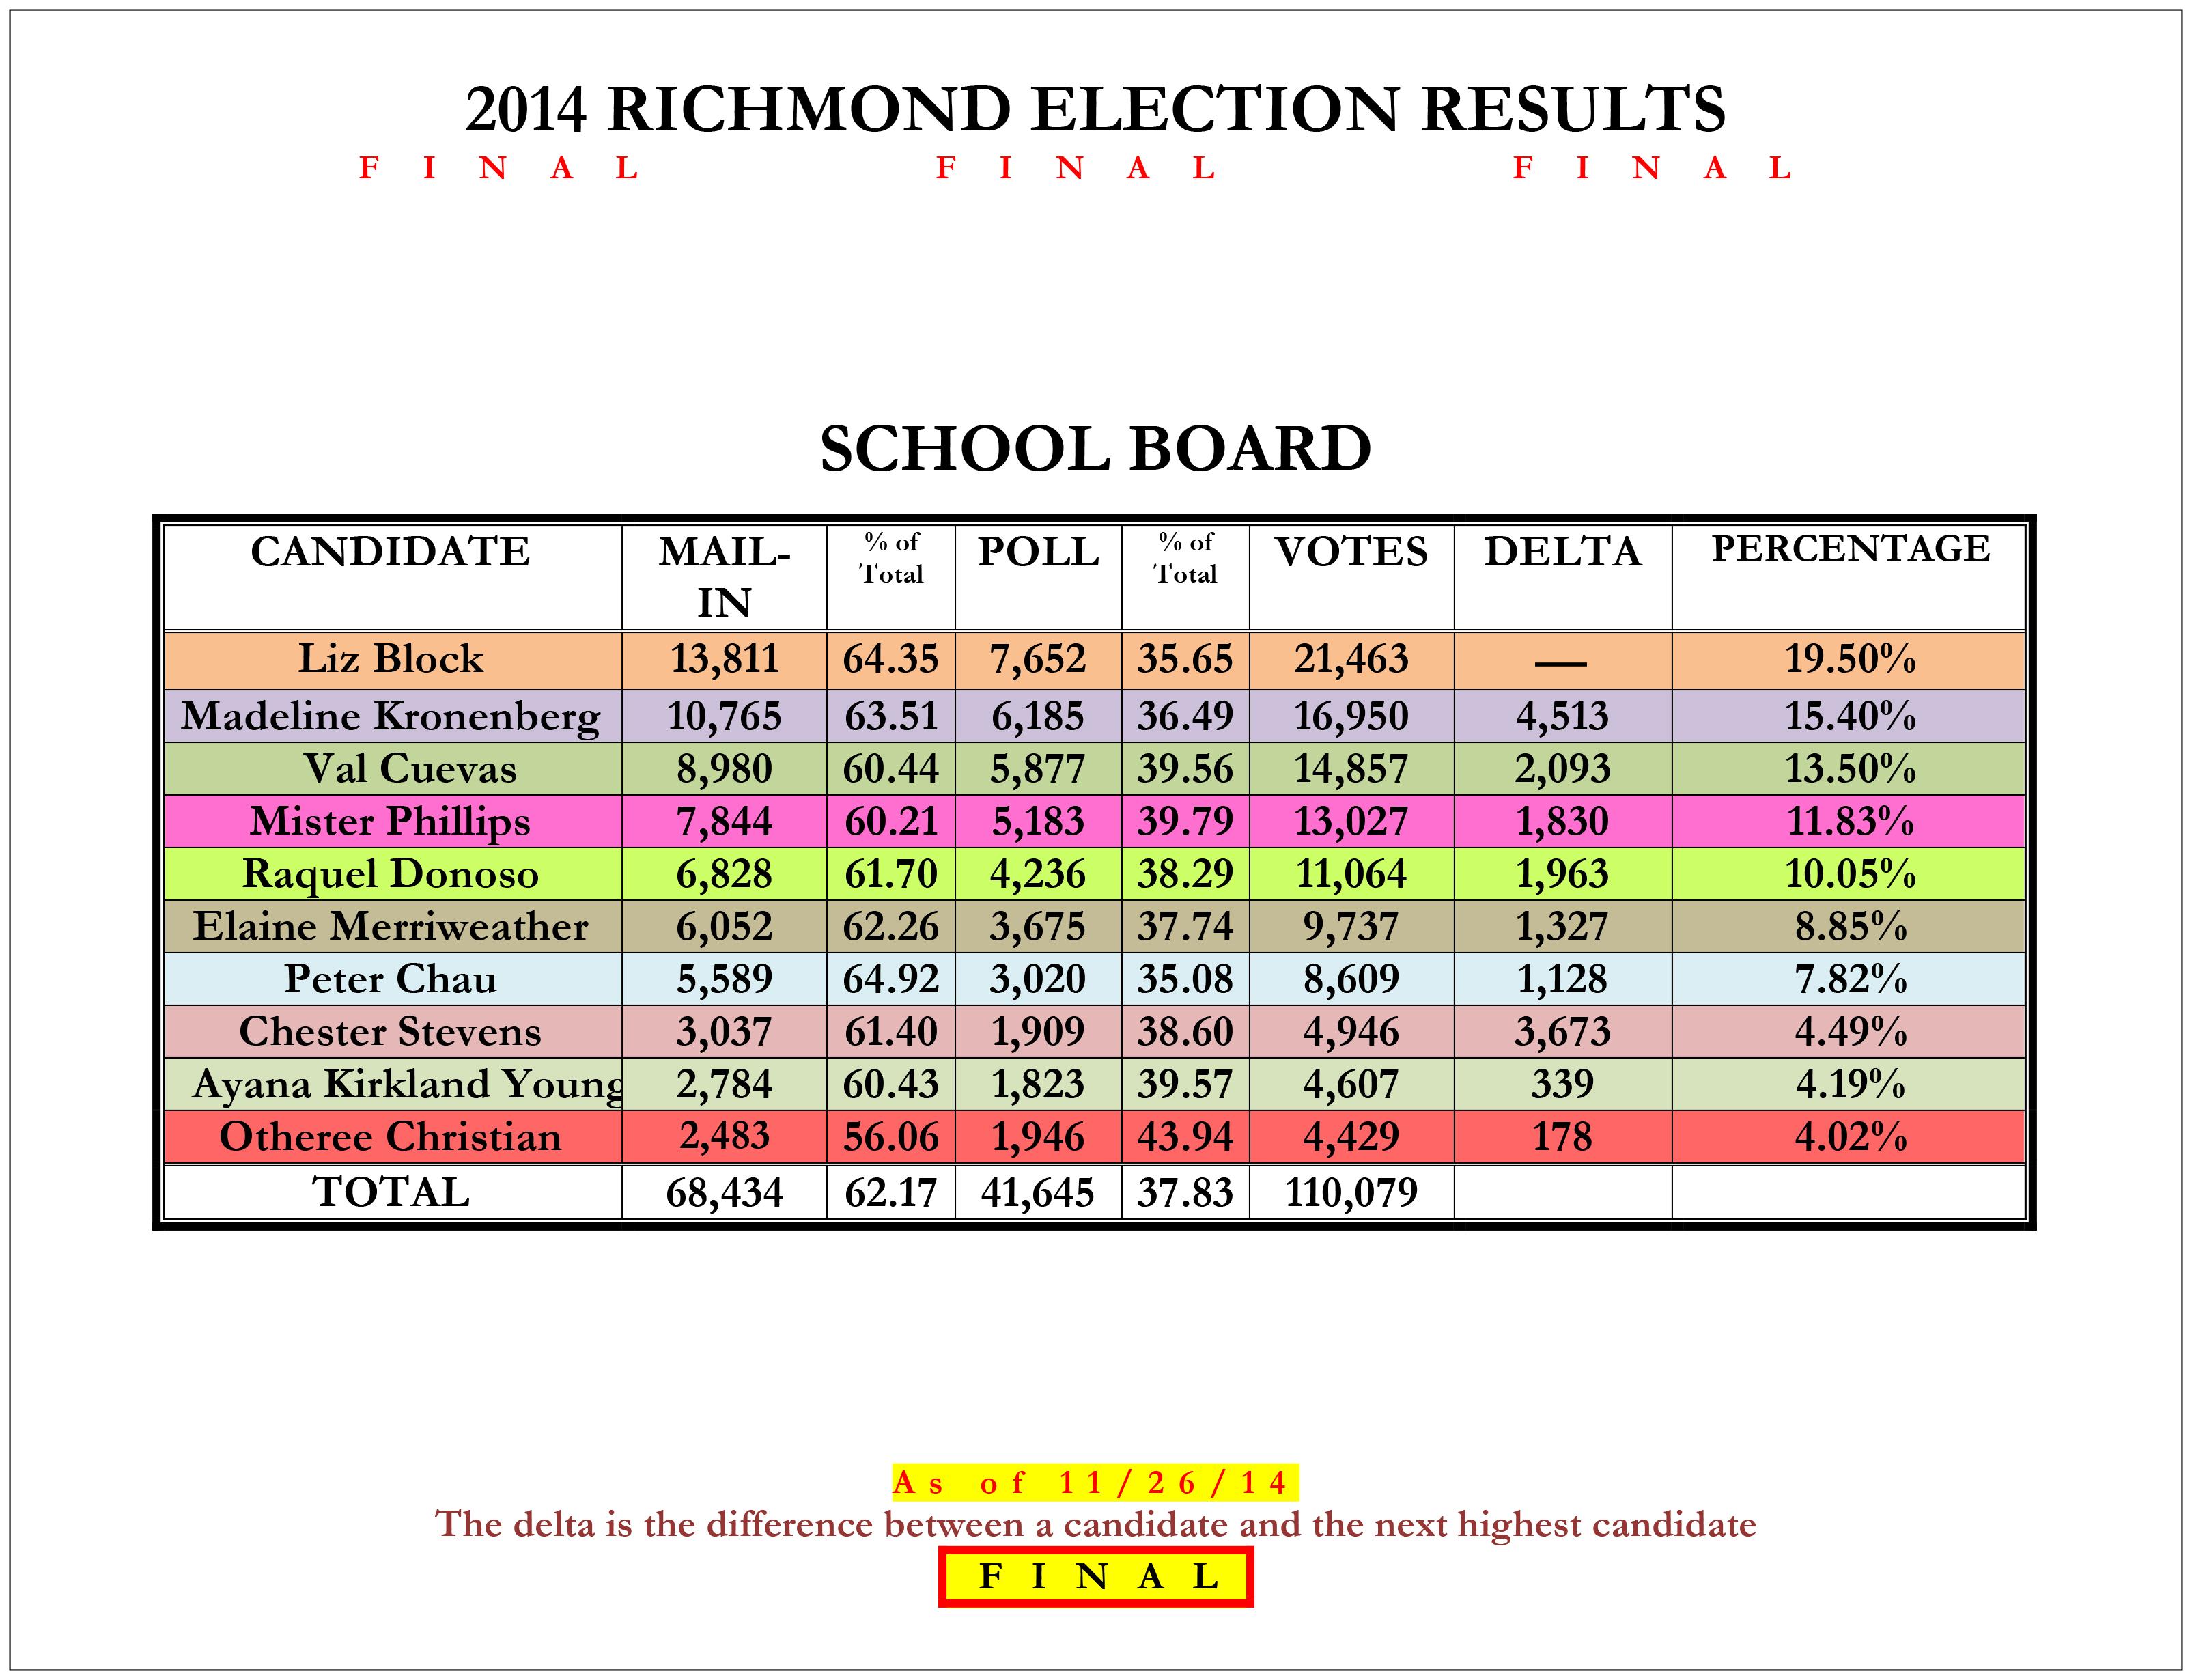 School_Board_14_Richmond_Election_Results-4_11-26-14_FINAL-3.jpg